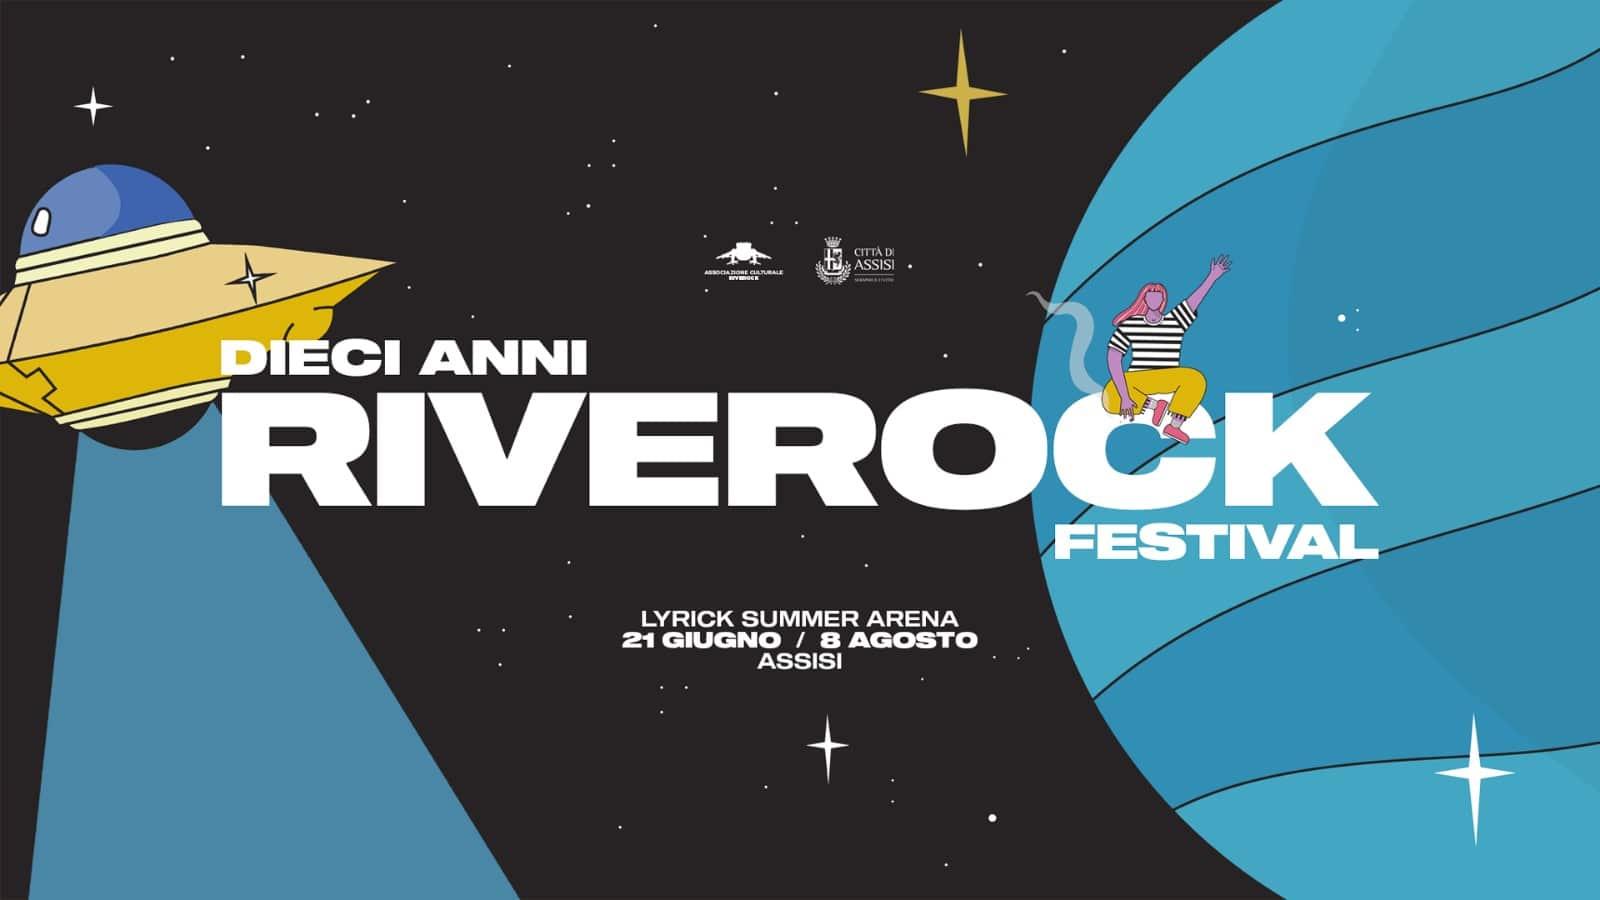 nella fotografia la locandina del riverock festival 2019